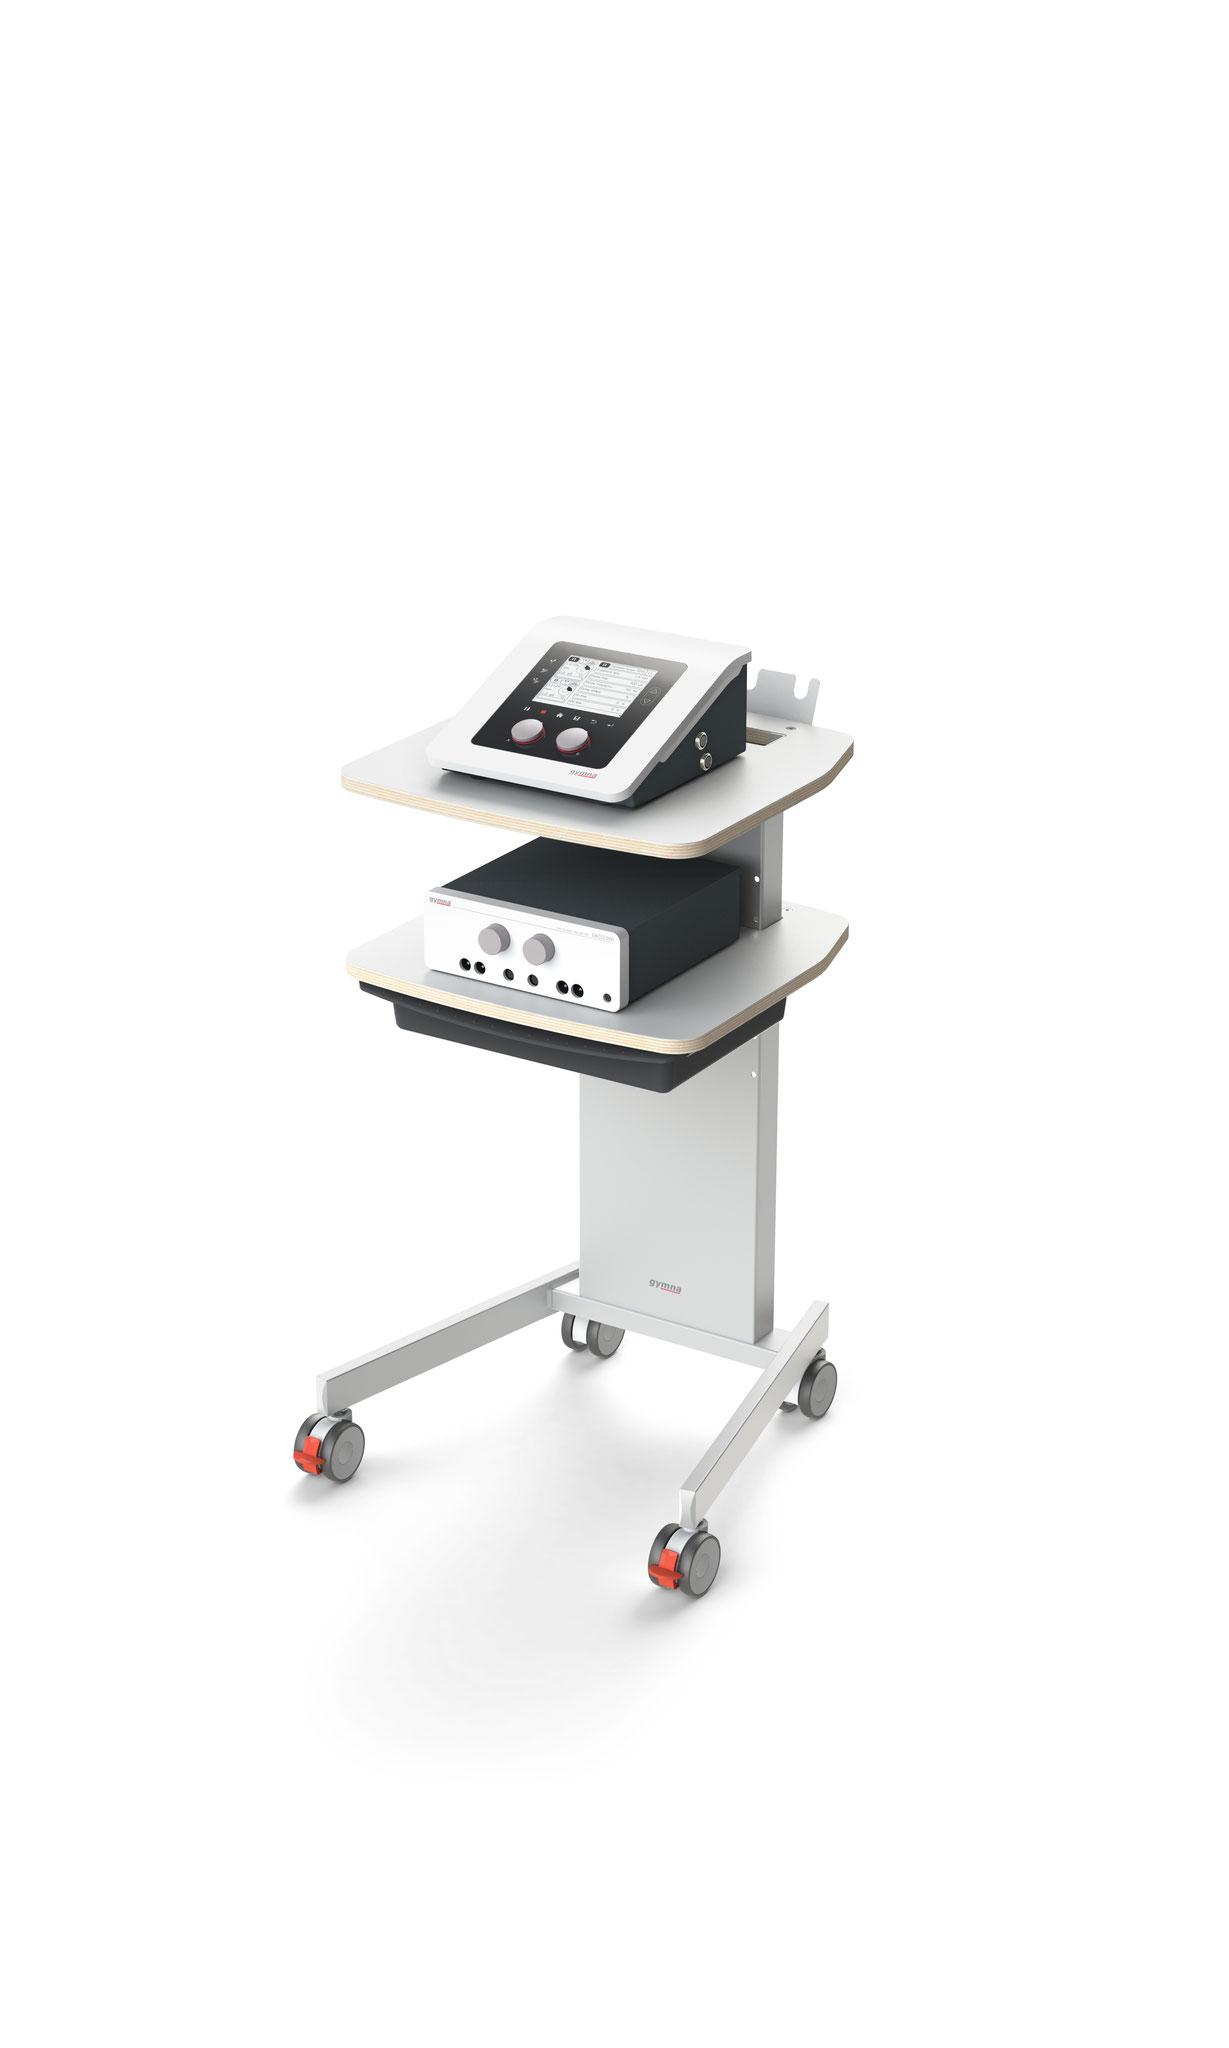 Optionaler Gymna Mobile Gerätewagen